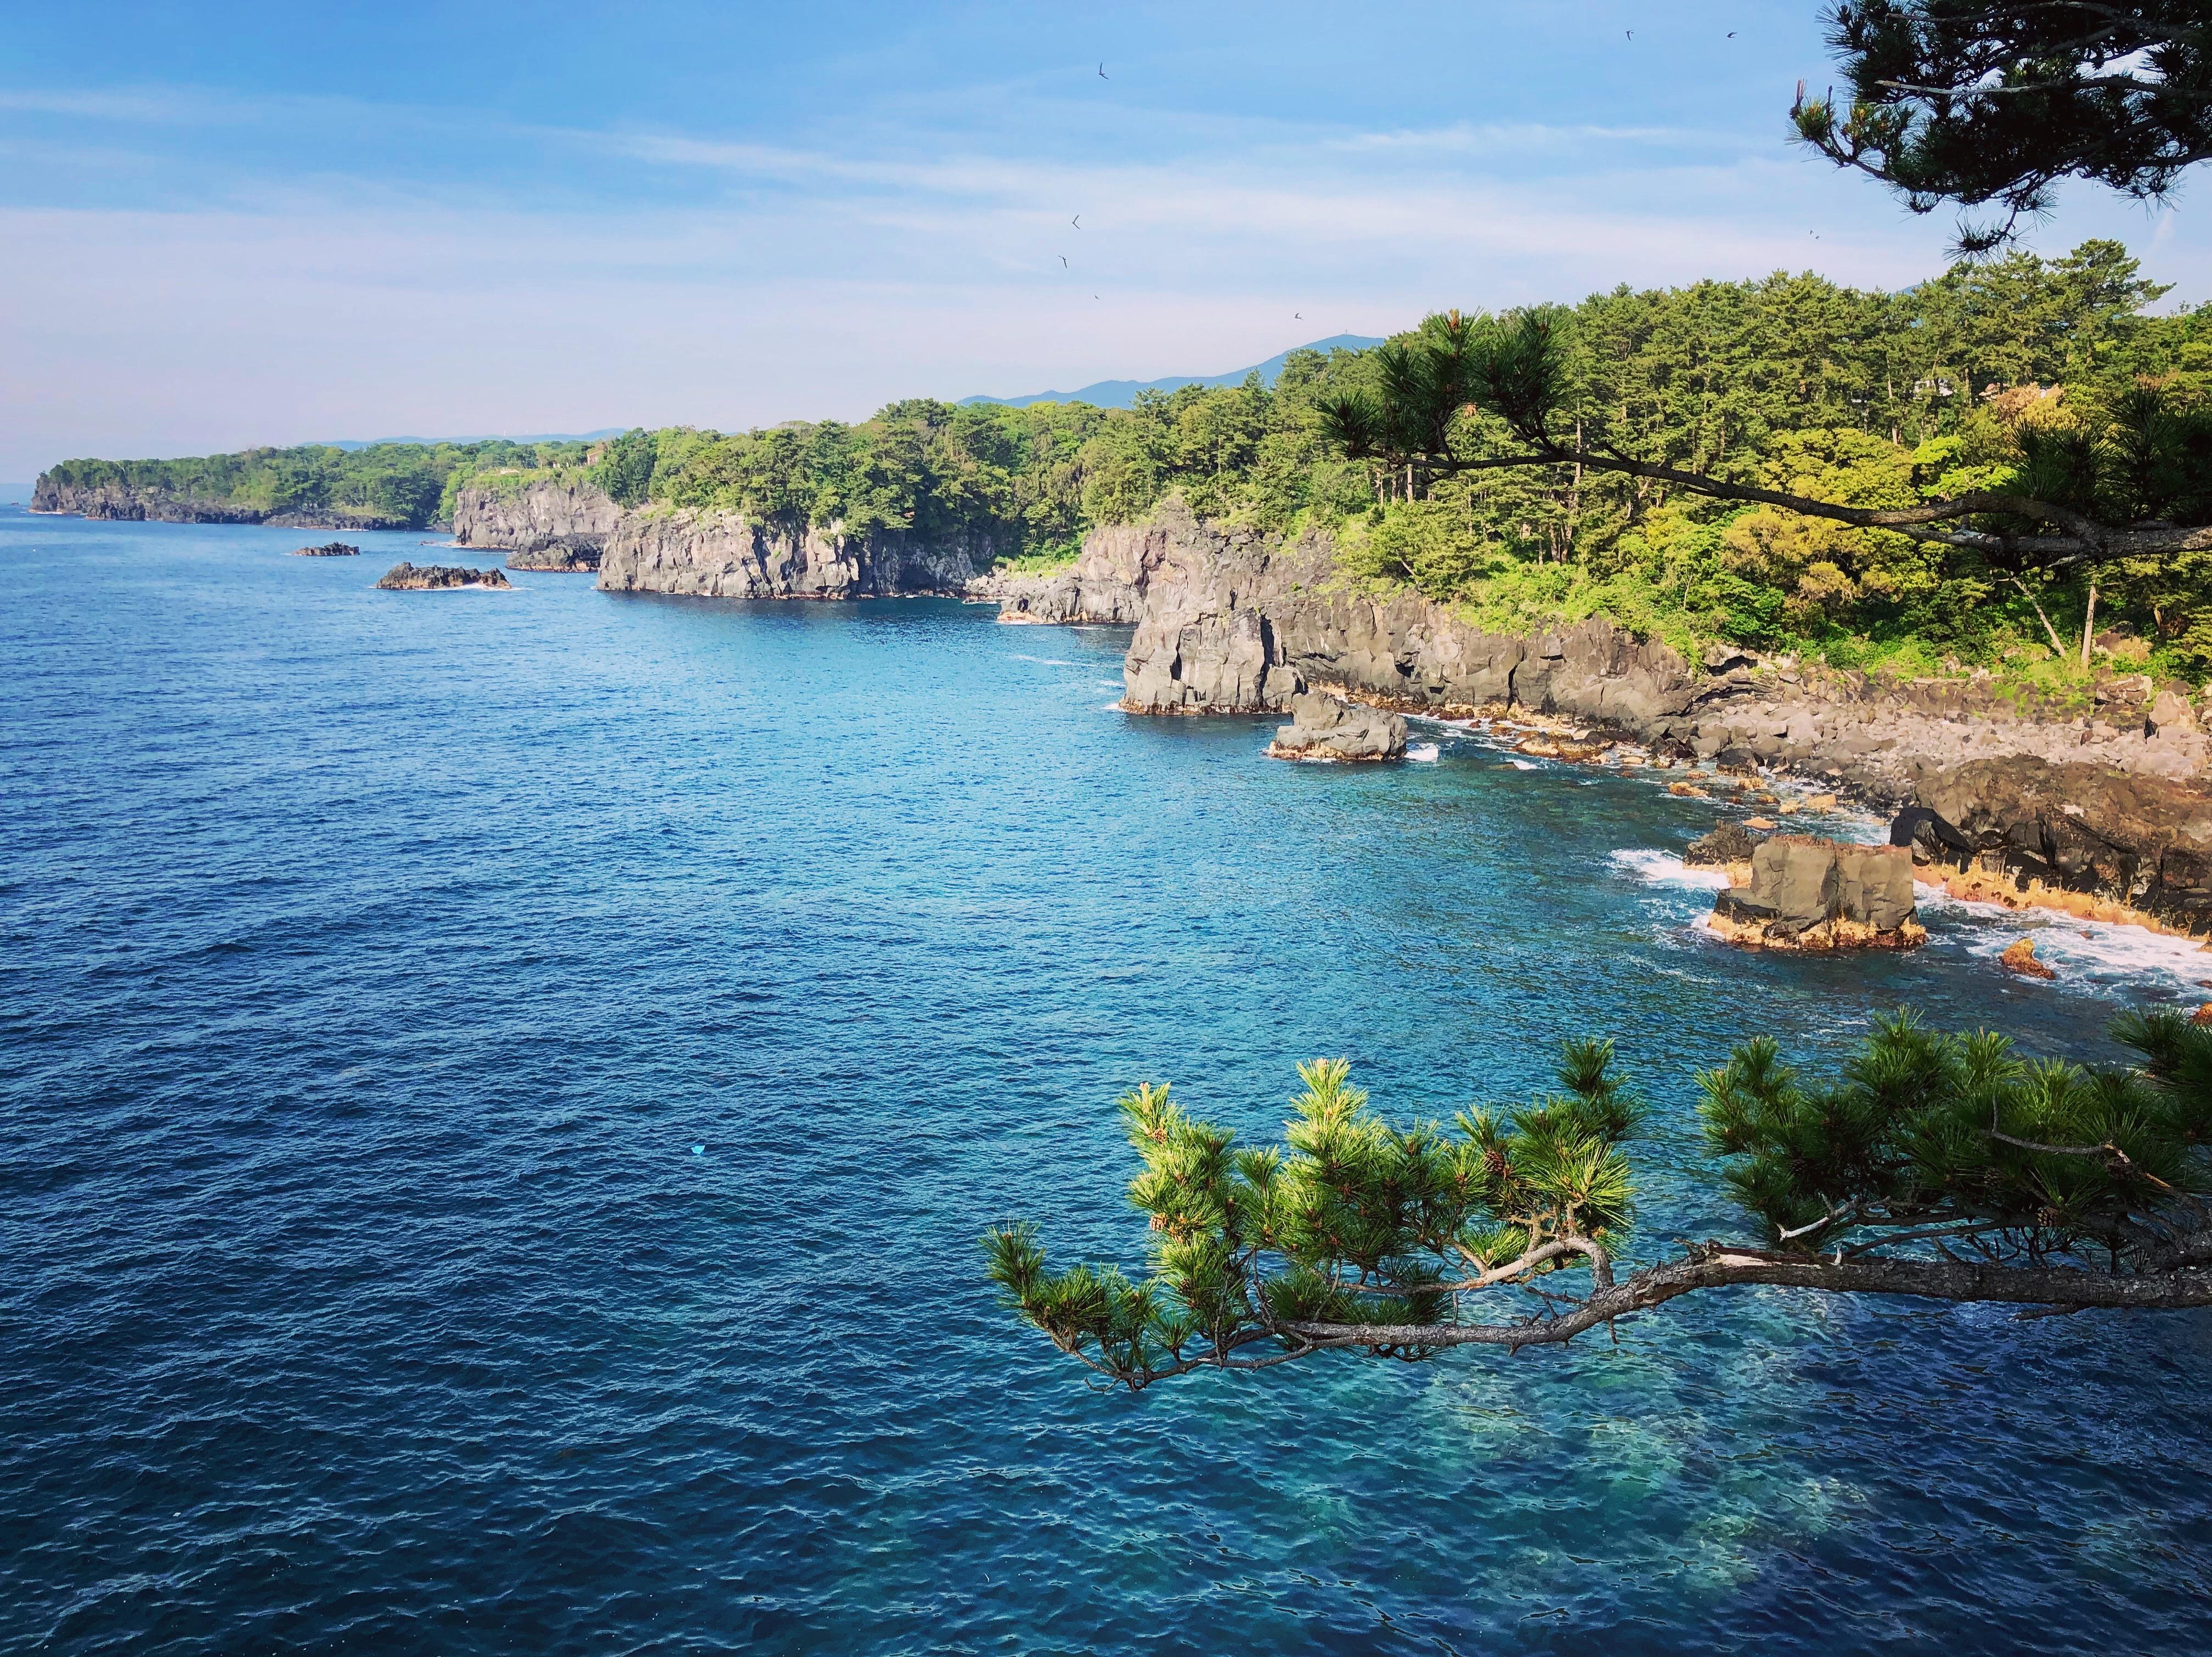 キャンプ場から南に7キロもこのような海岸線が続きます。「城ヶ崎自然研究路 ピクにカルコース」で検索してください!ぜひこの素晴らしい城ヶ崎海岸を知ってください!